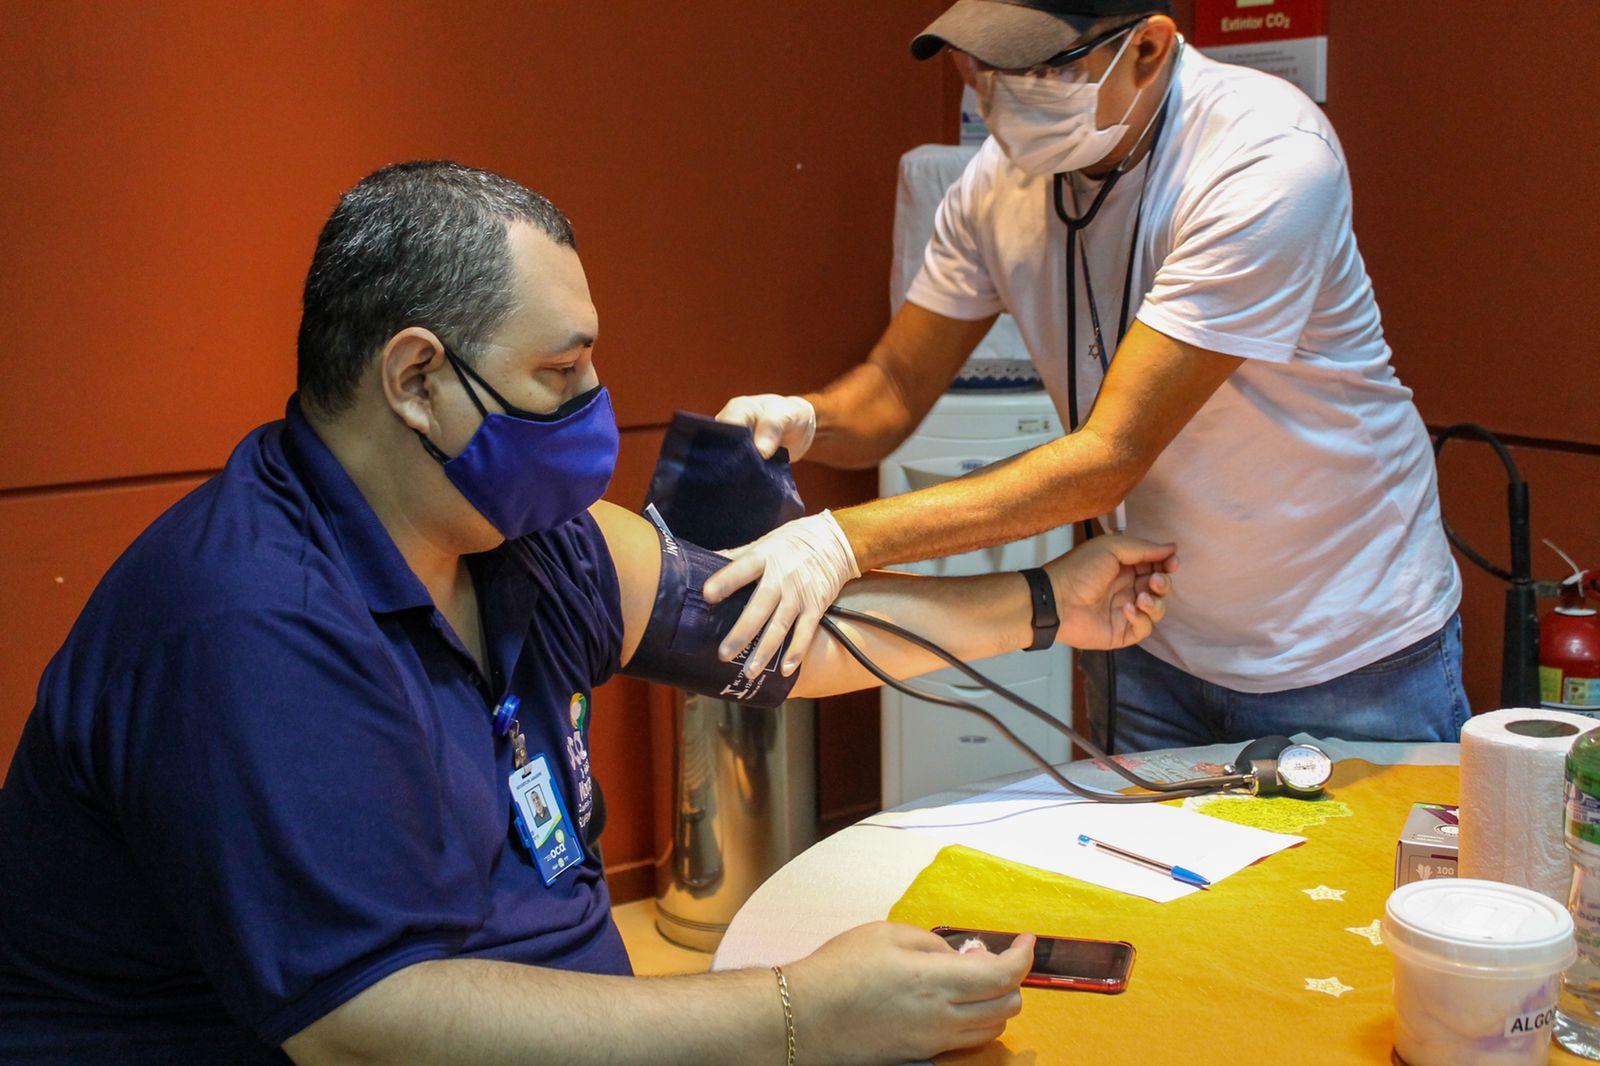 Servidores da OCA recebem atendimentos de saúde